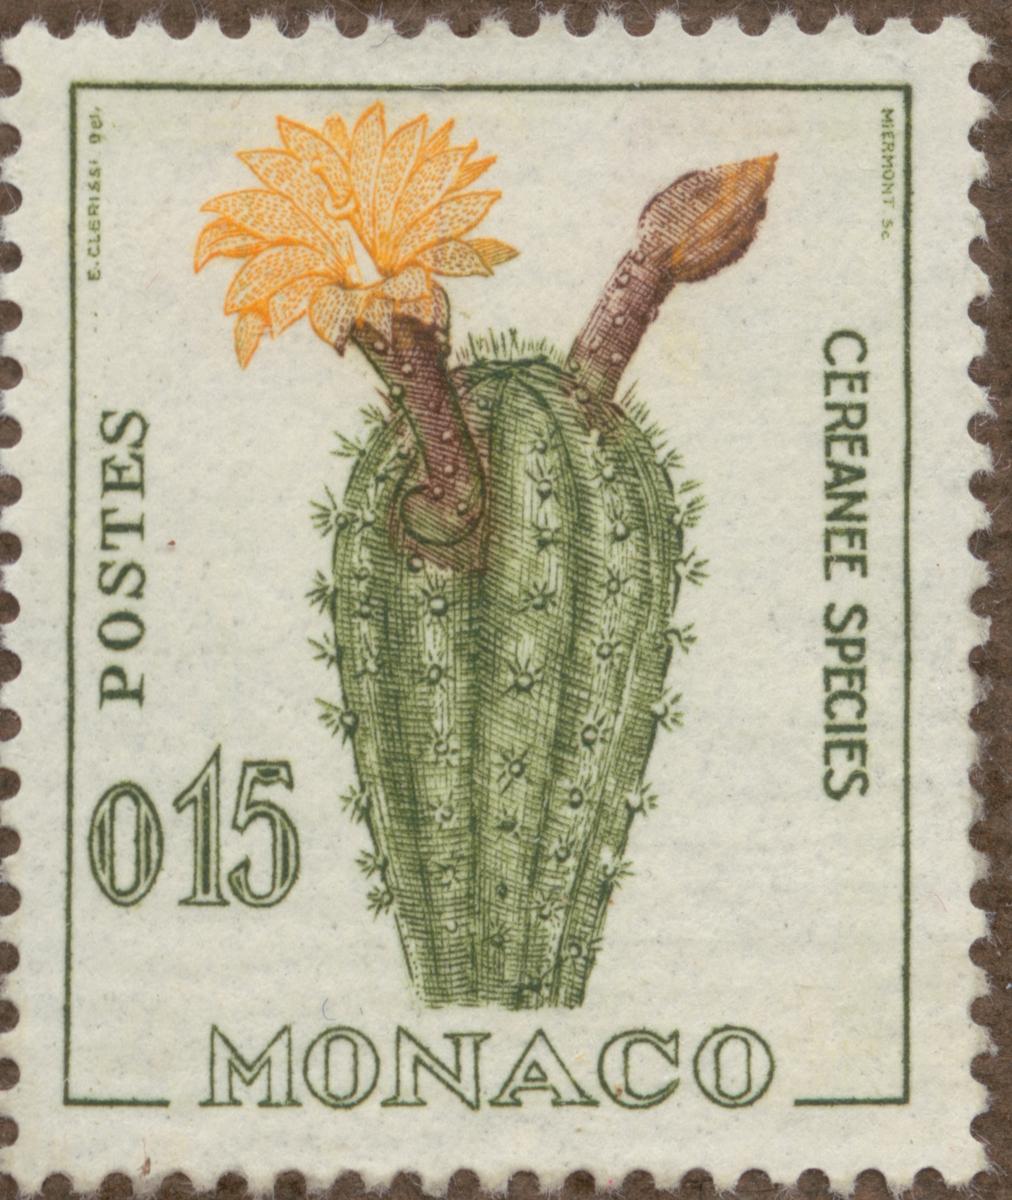 """Frimärke ur Gösta Bodmans filatelistiska motivsamling, påbörjad 1950. Frimärke från Monaco, 1960-62. Motiv av kaktus. """"Rainer III serie: diverse""""."""